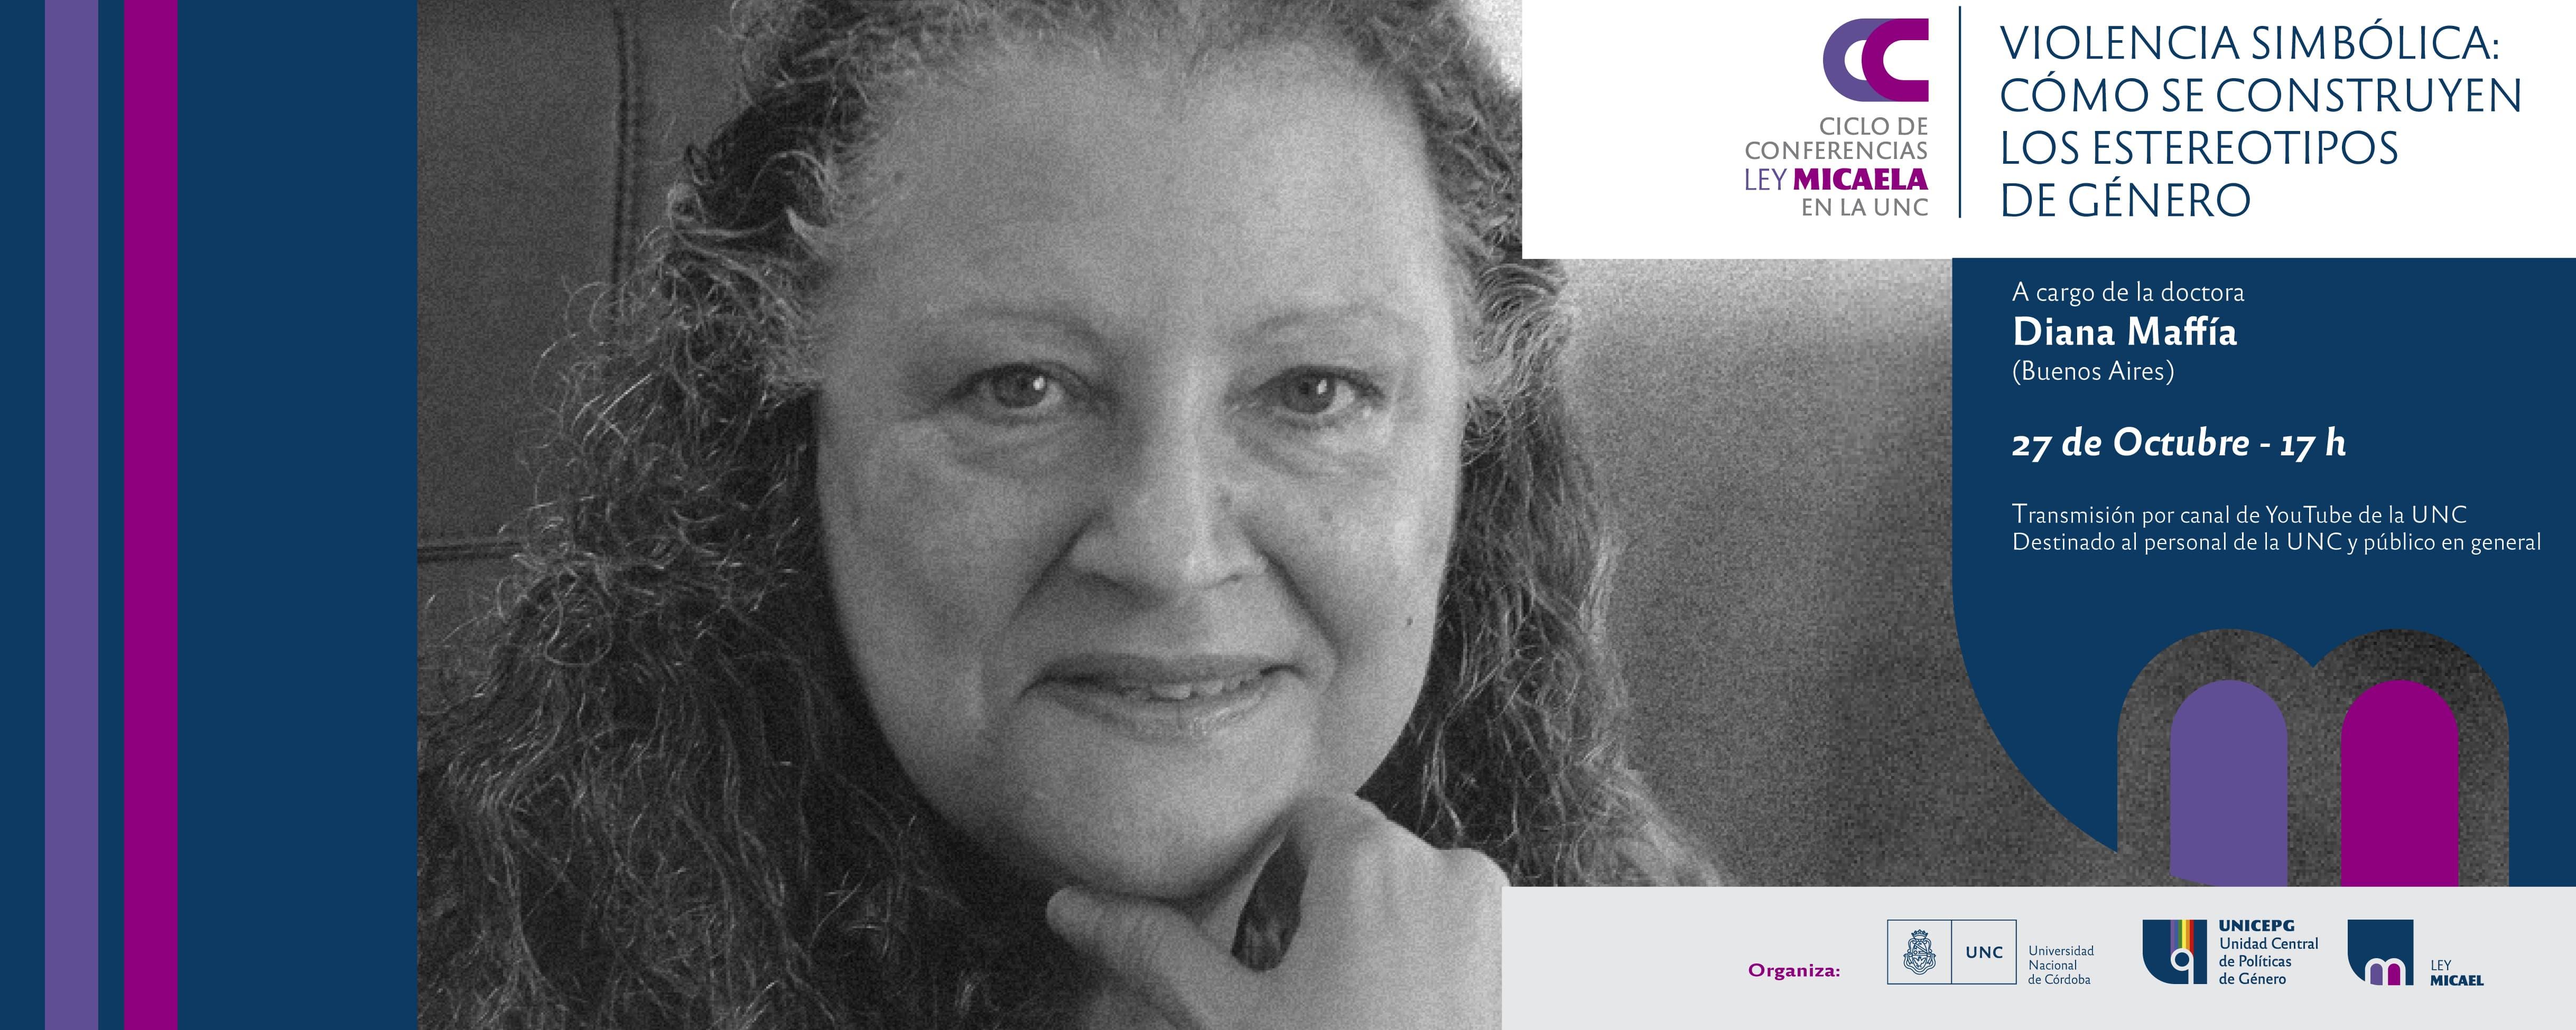 Ciclo de Conferencias Ley Micaela en la UNC. Diana Maffía